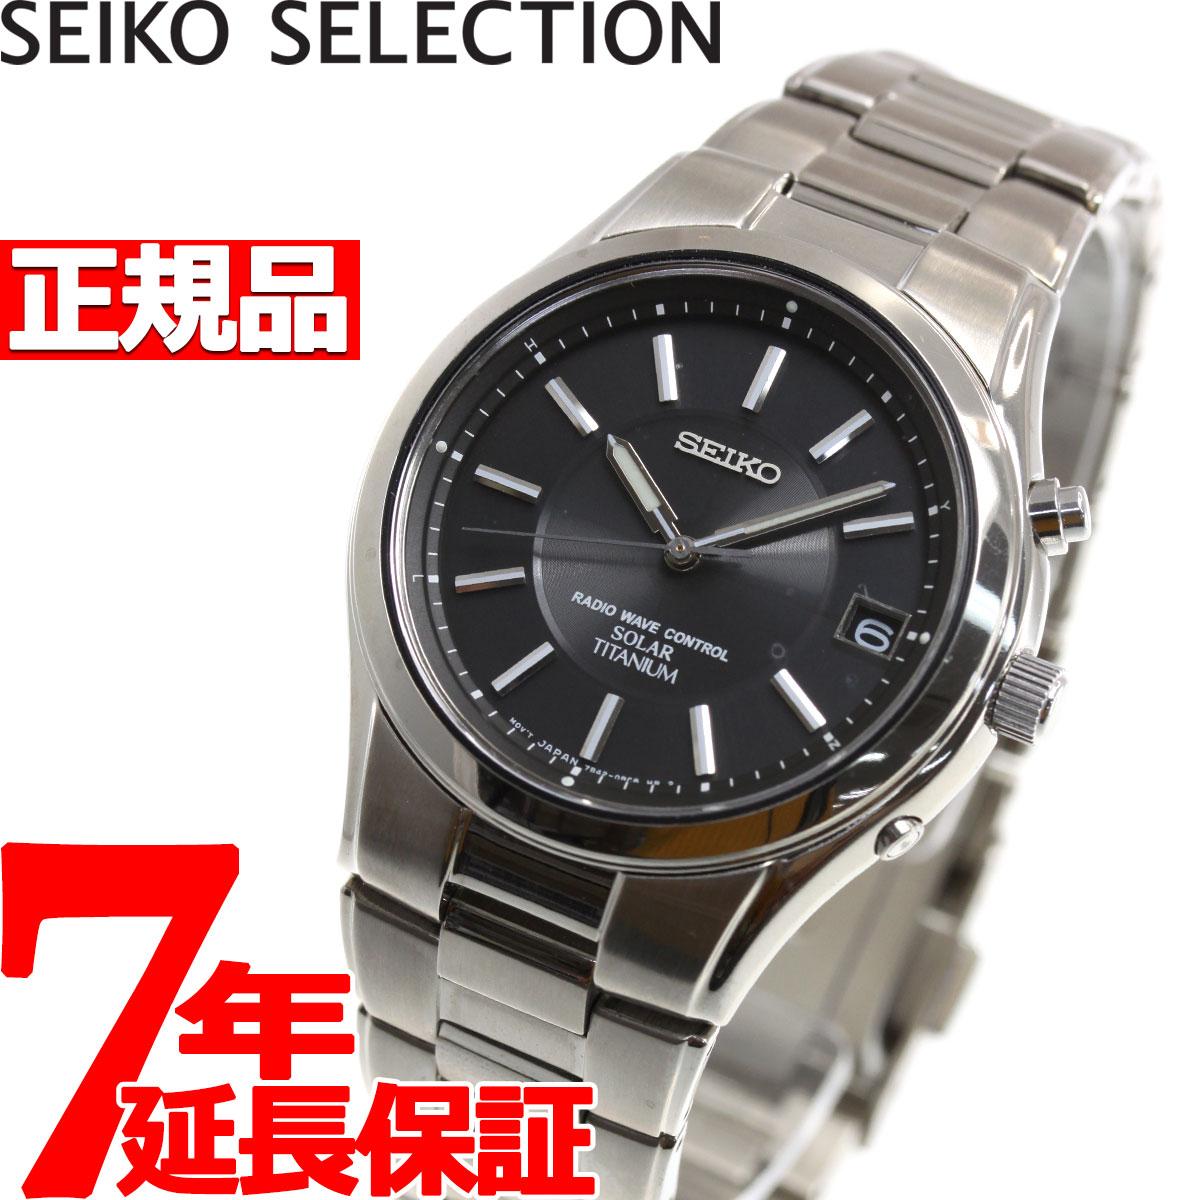 【5日0時~♪2000円OFFクーポン&店内ポイント最大51倍!5日23時59分まで】セイコー スピリット スマート SEIKO SPIRIT SMART 電波 ソーラー 電波時計 腕時計 メンズ SBTM193